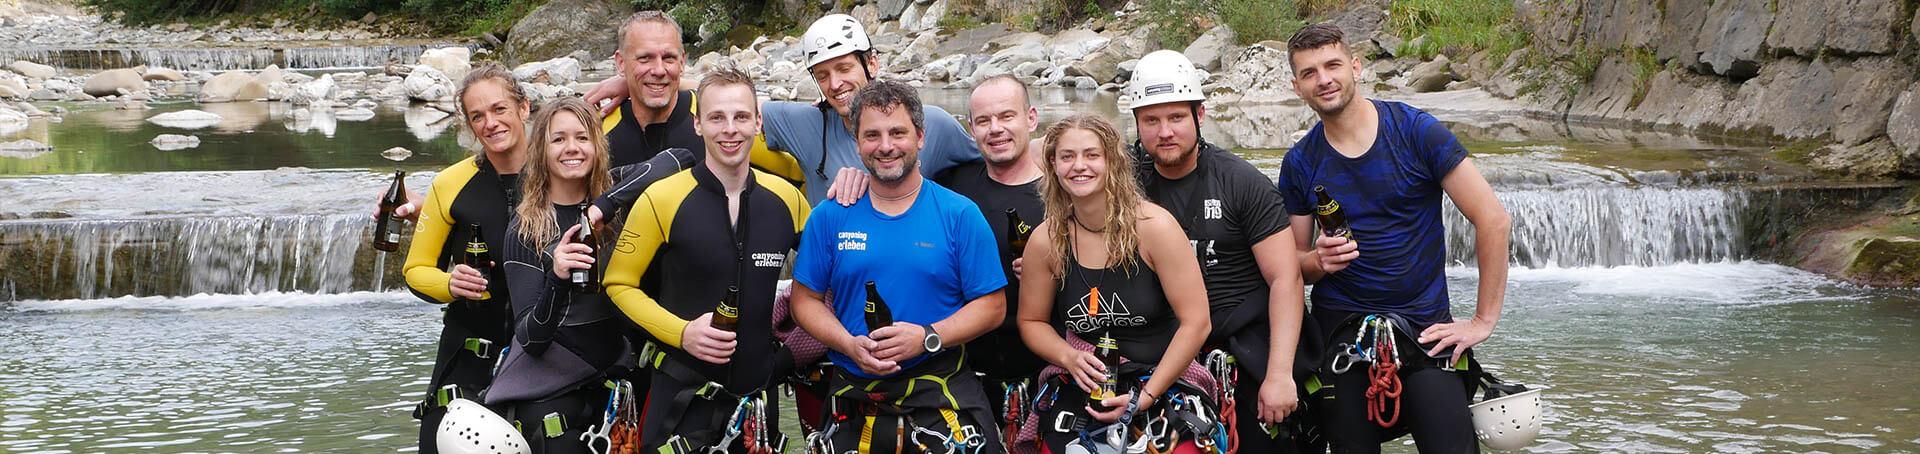 In der Kobelach ein Gruppenfoto mit Canyoning Erleben